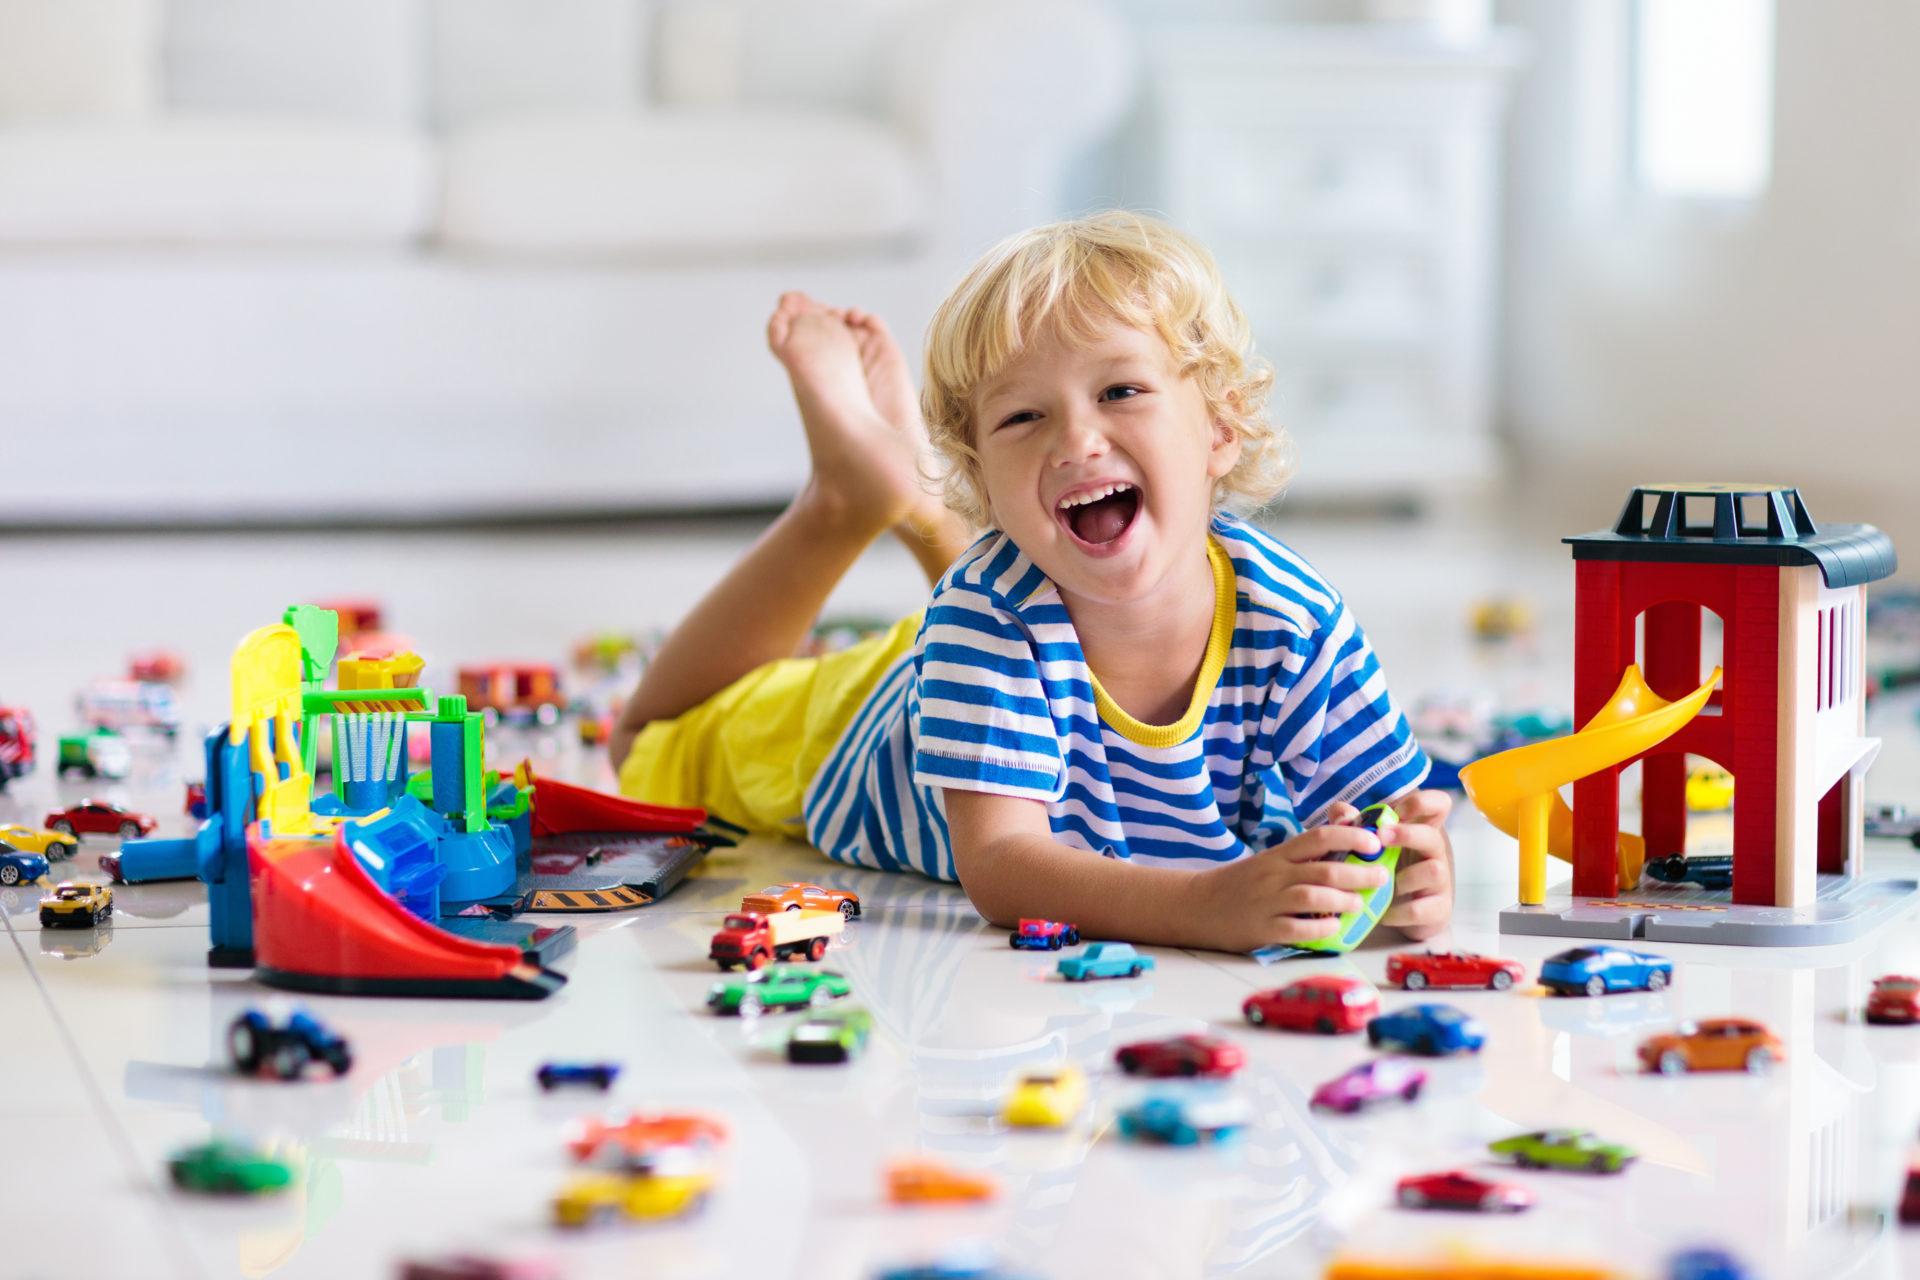 Jeu Eveil Enfant, Jouet Eveil Enfant, Cadeau D'eveil Pour concernant Jeux Enfant De 3 Ans